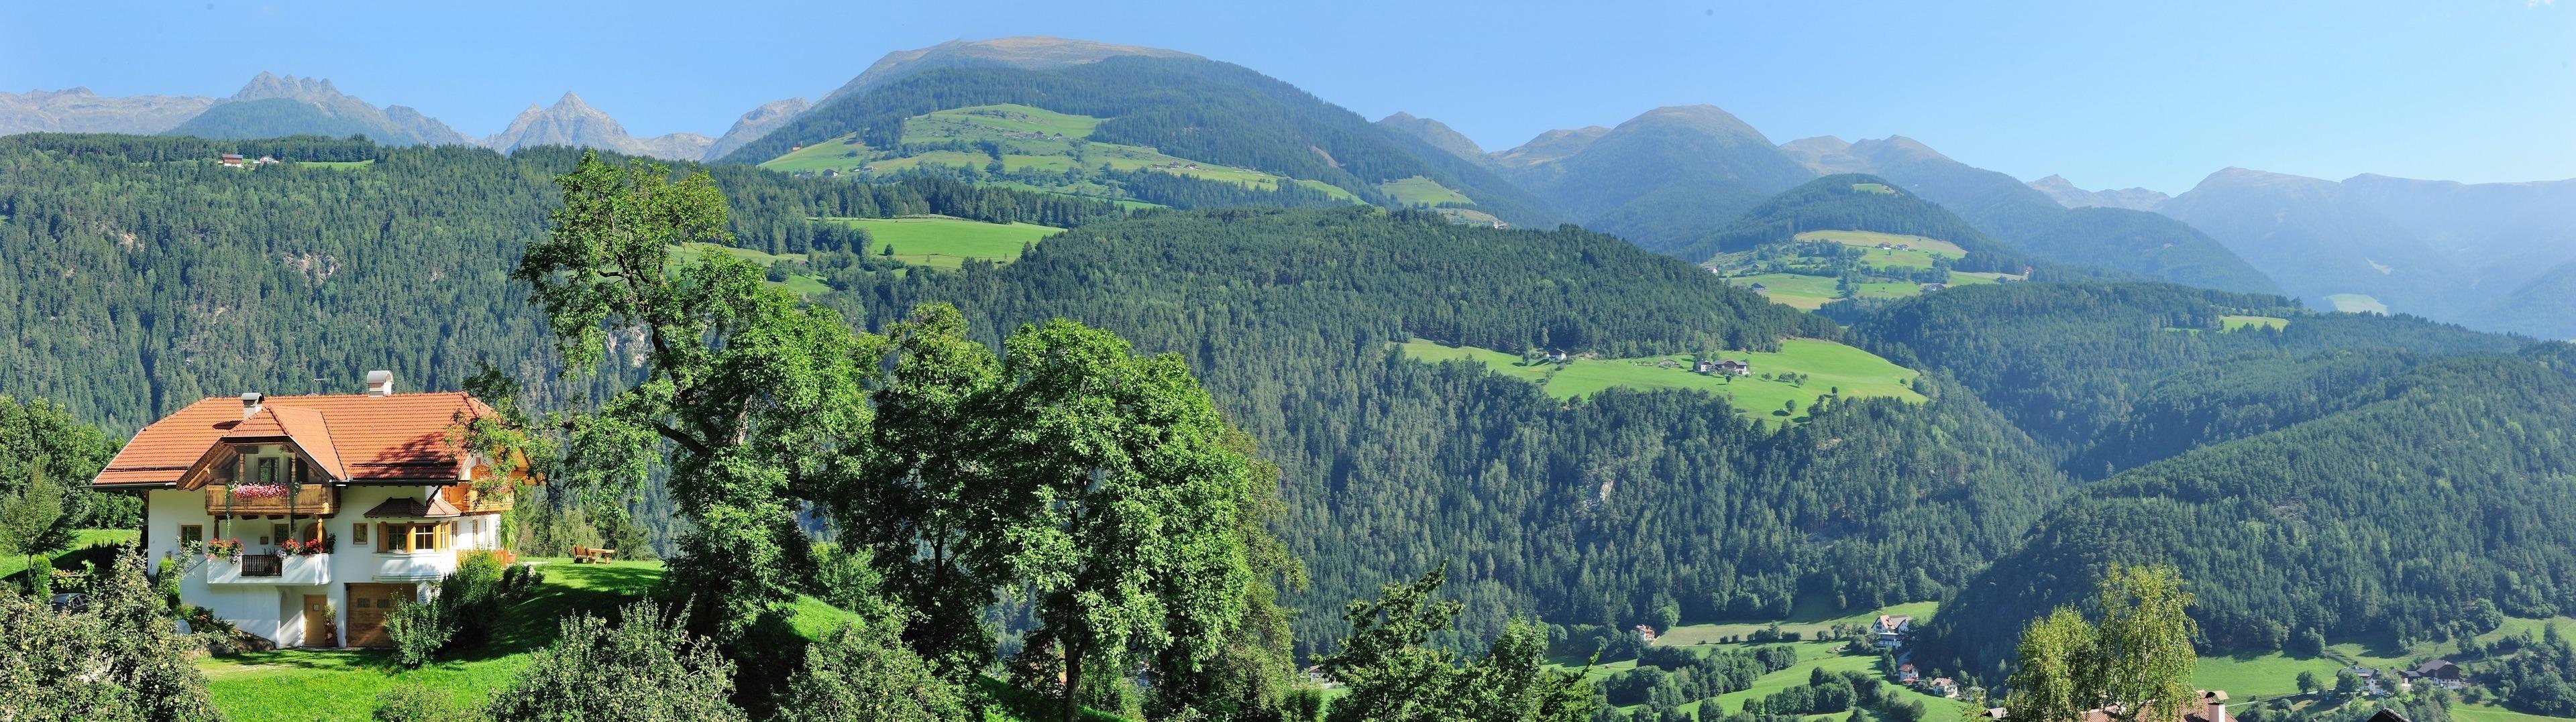 Ferienwohnung Oberplunerhof Chaletapartment Gitschberg (2701876), Kiens (Chienes), Pustertal, Trentino-Südtirol, Italien, Bild 7